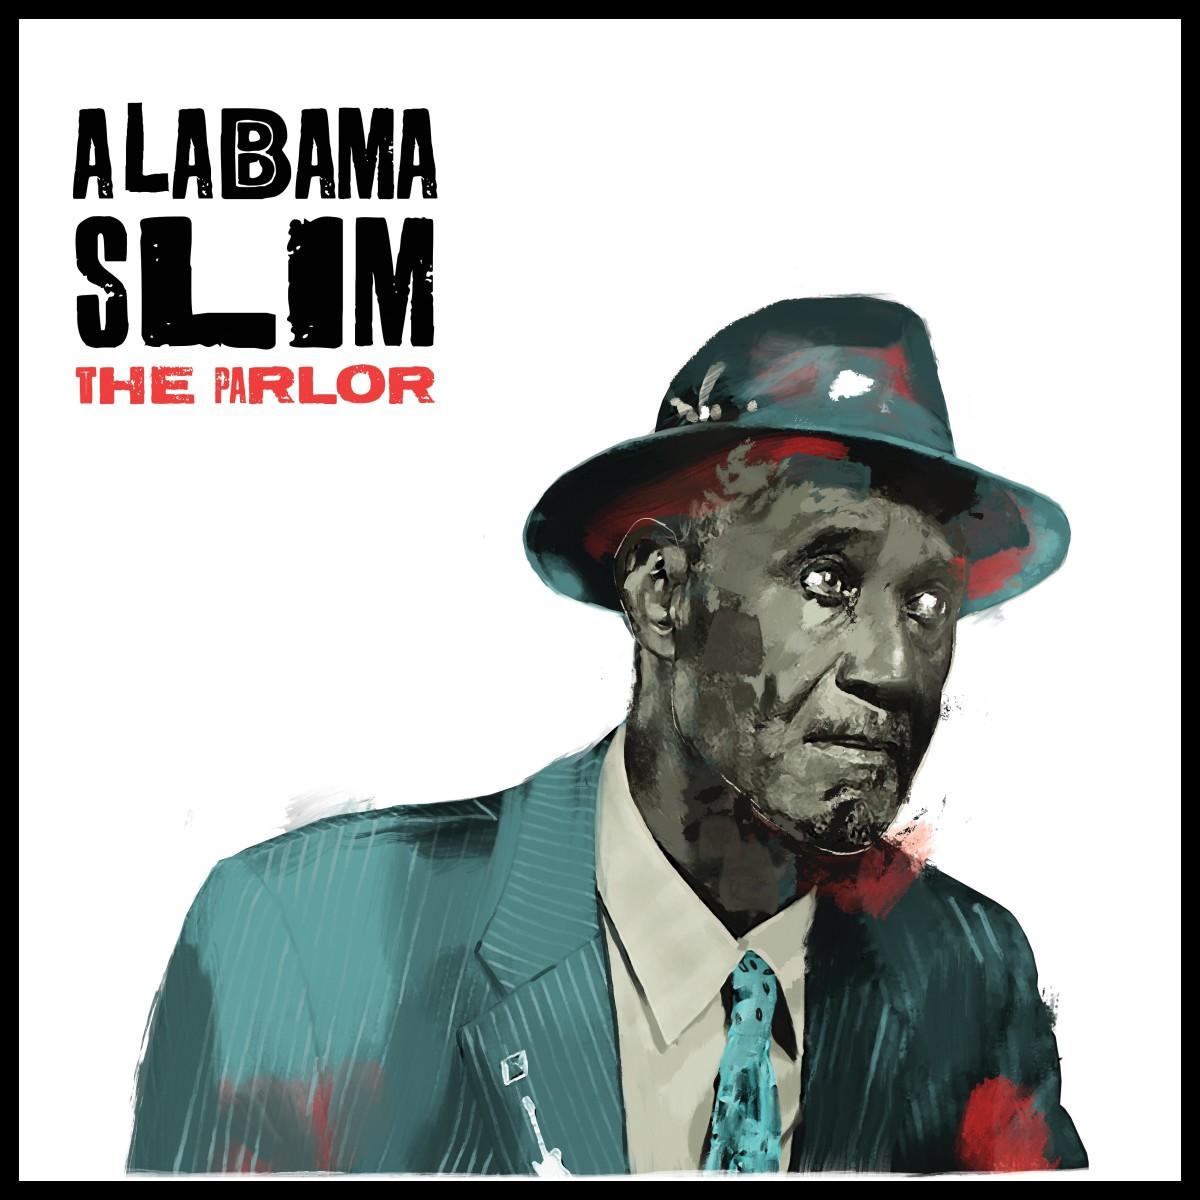 Alabama Slim